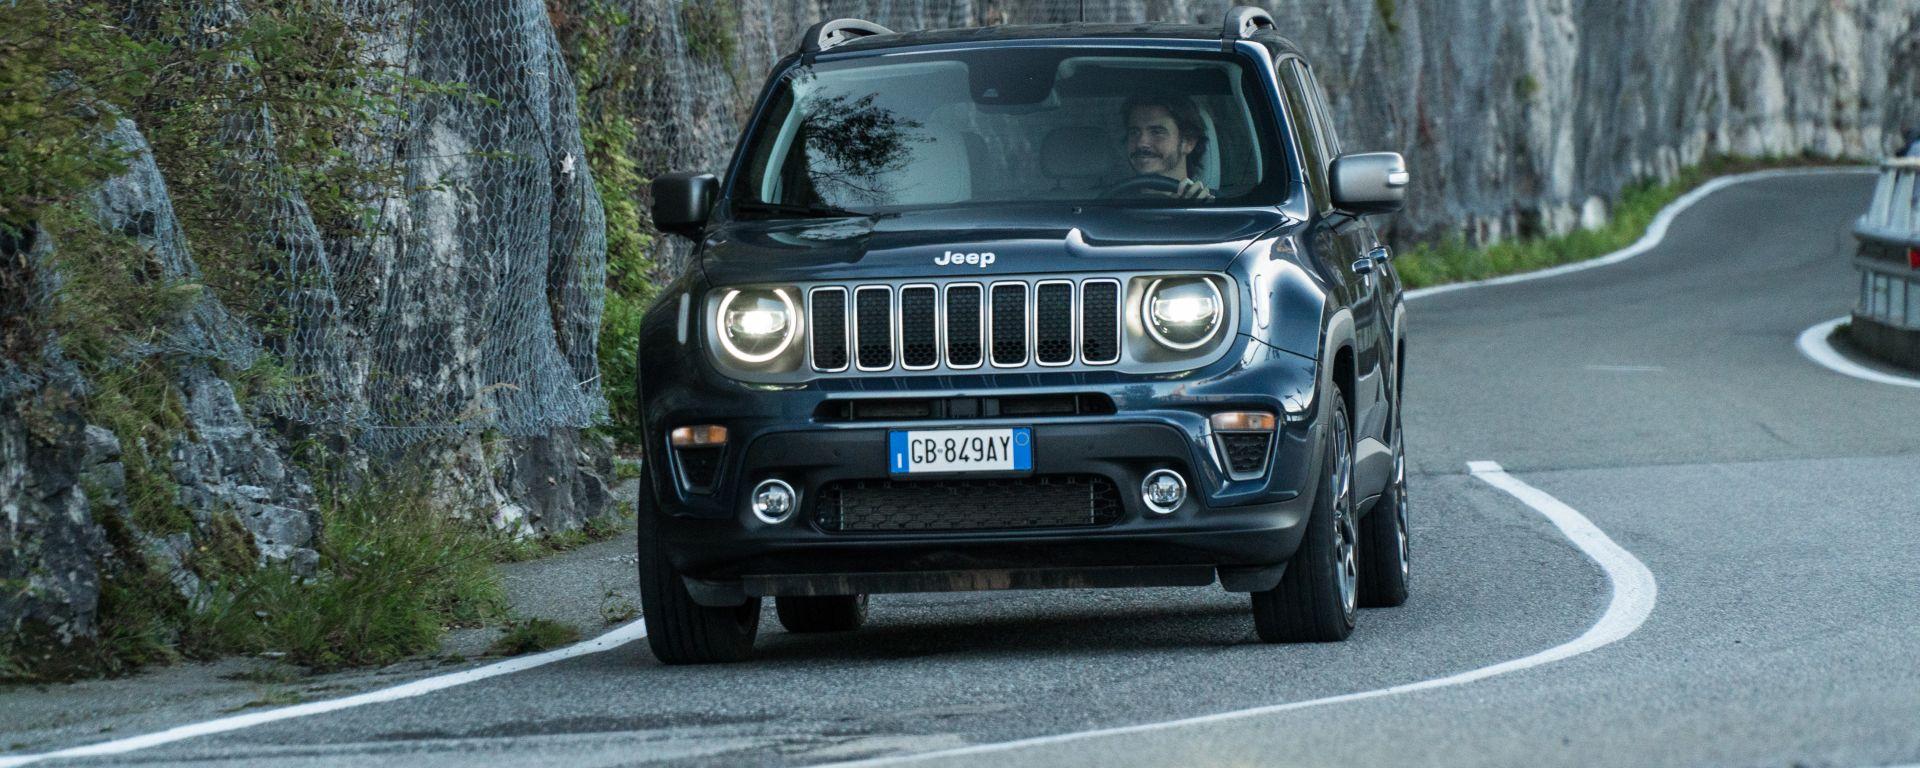 Al volante della Jeep Renegade 4xe Limited plug-in hybrid